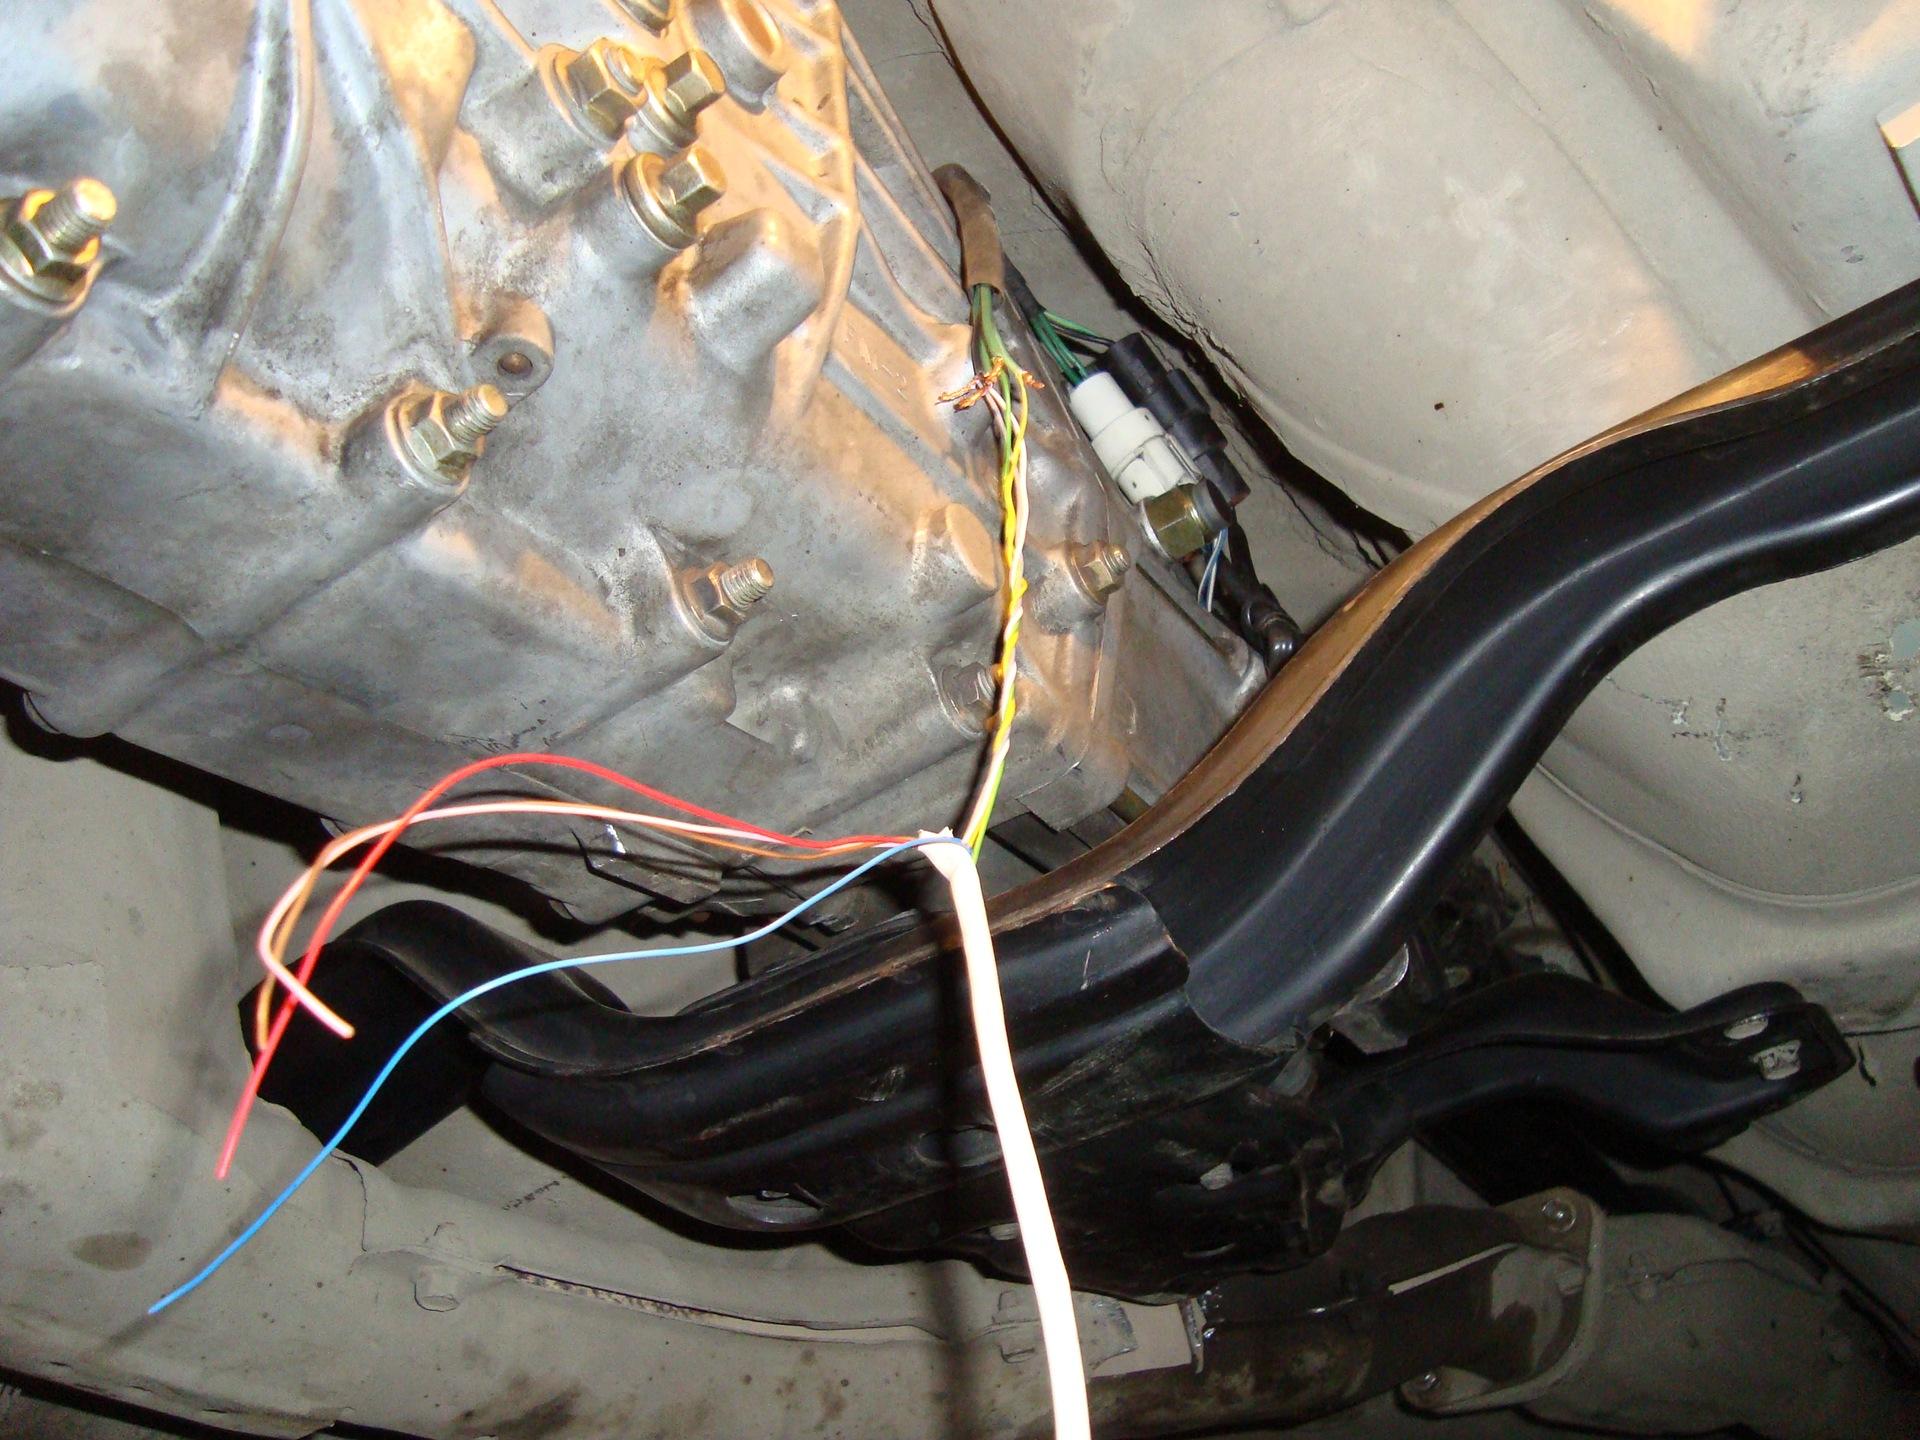 схема 4 ступенчатая коробка передач от ауди 100